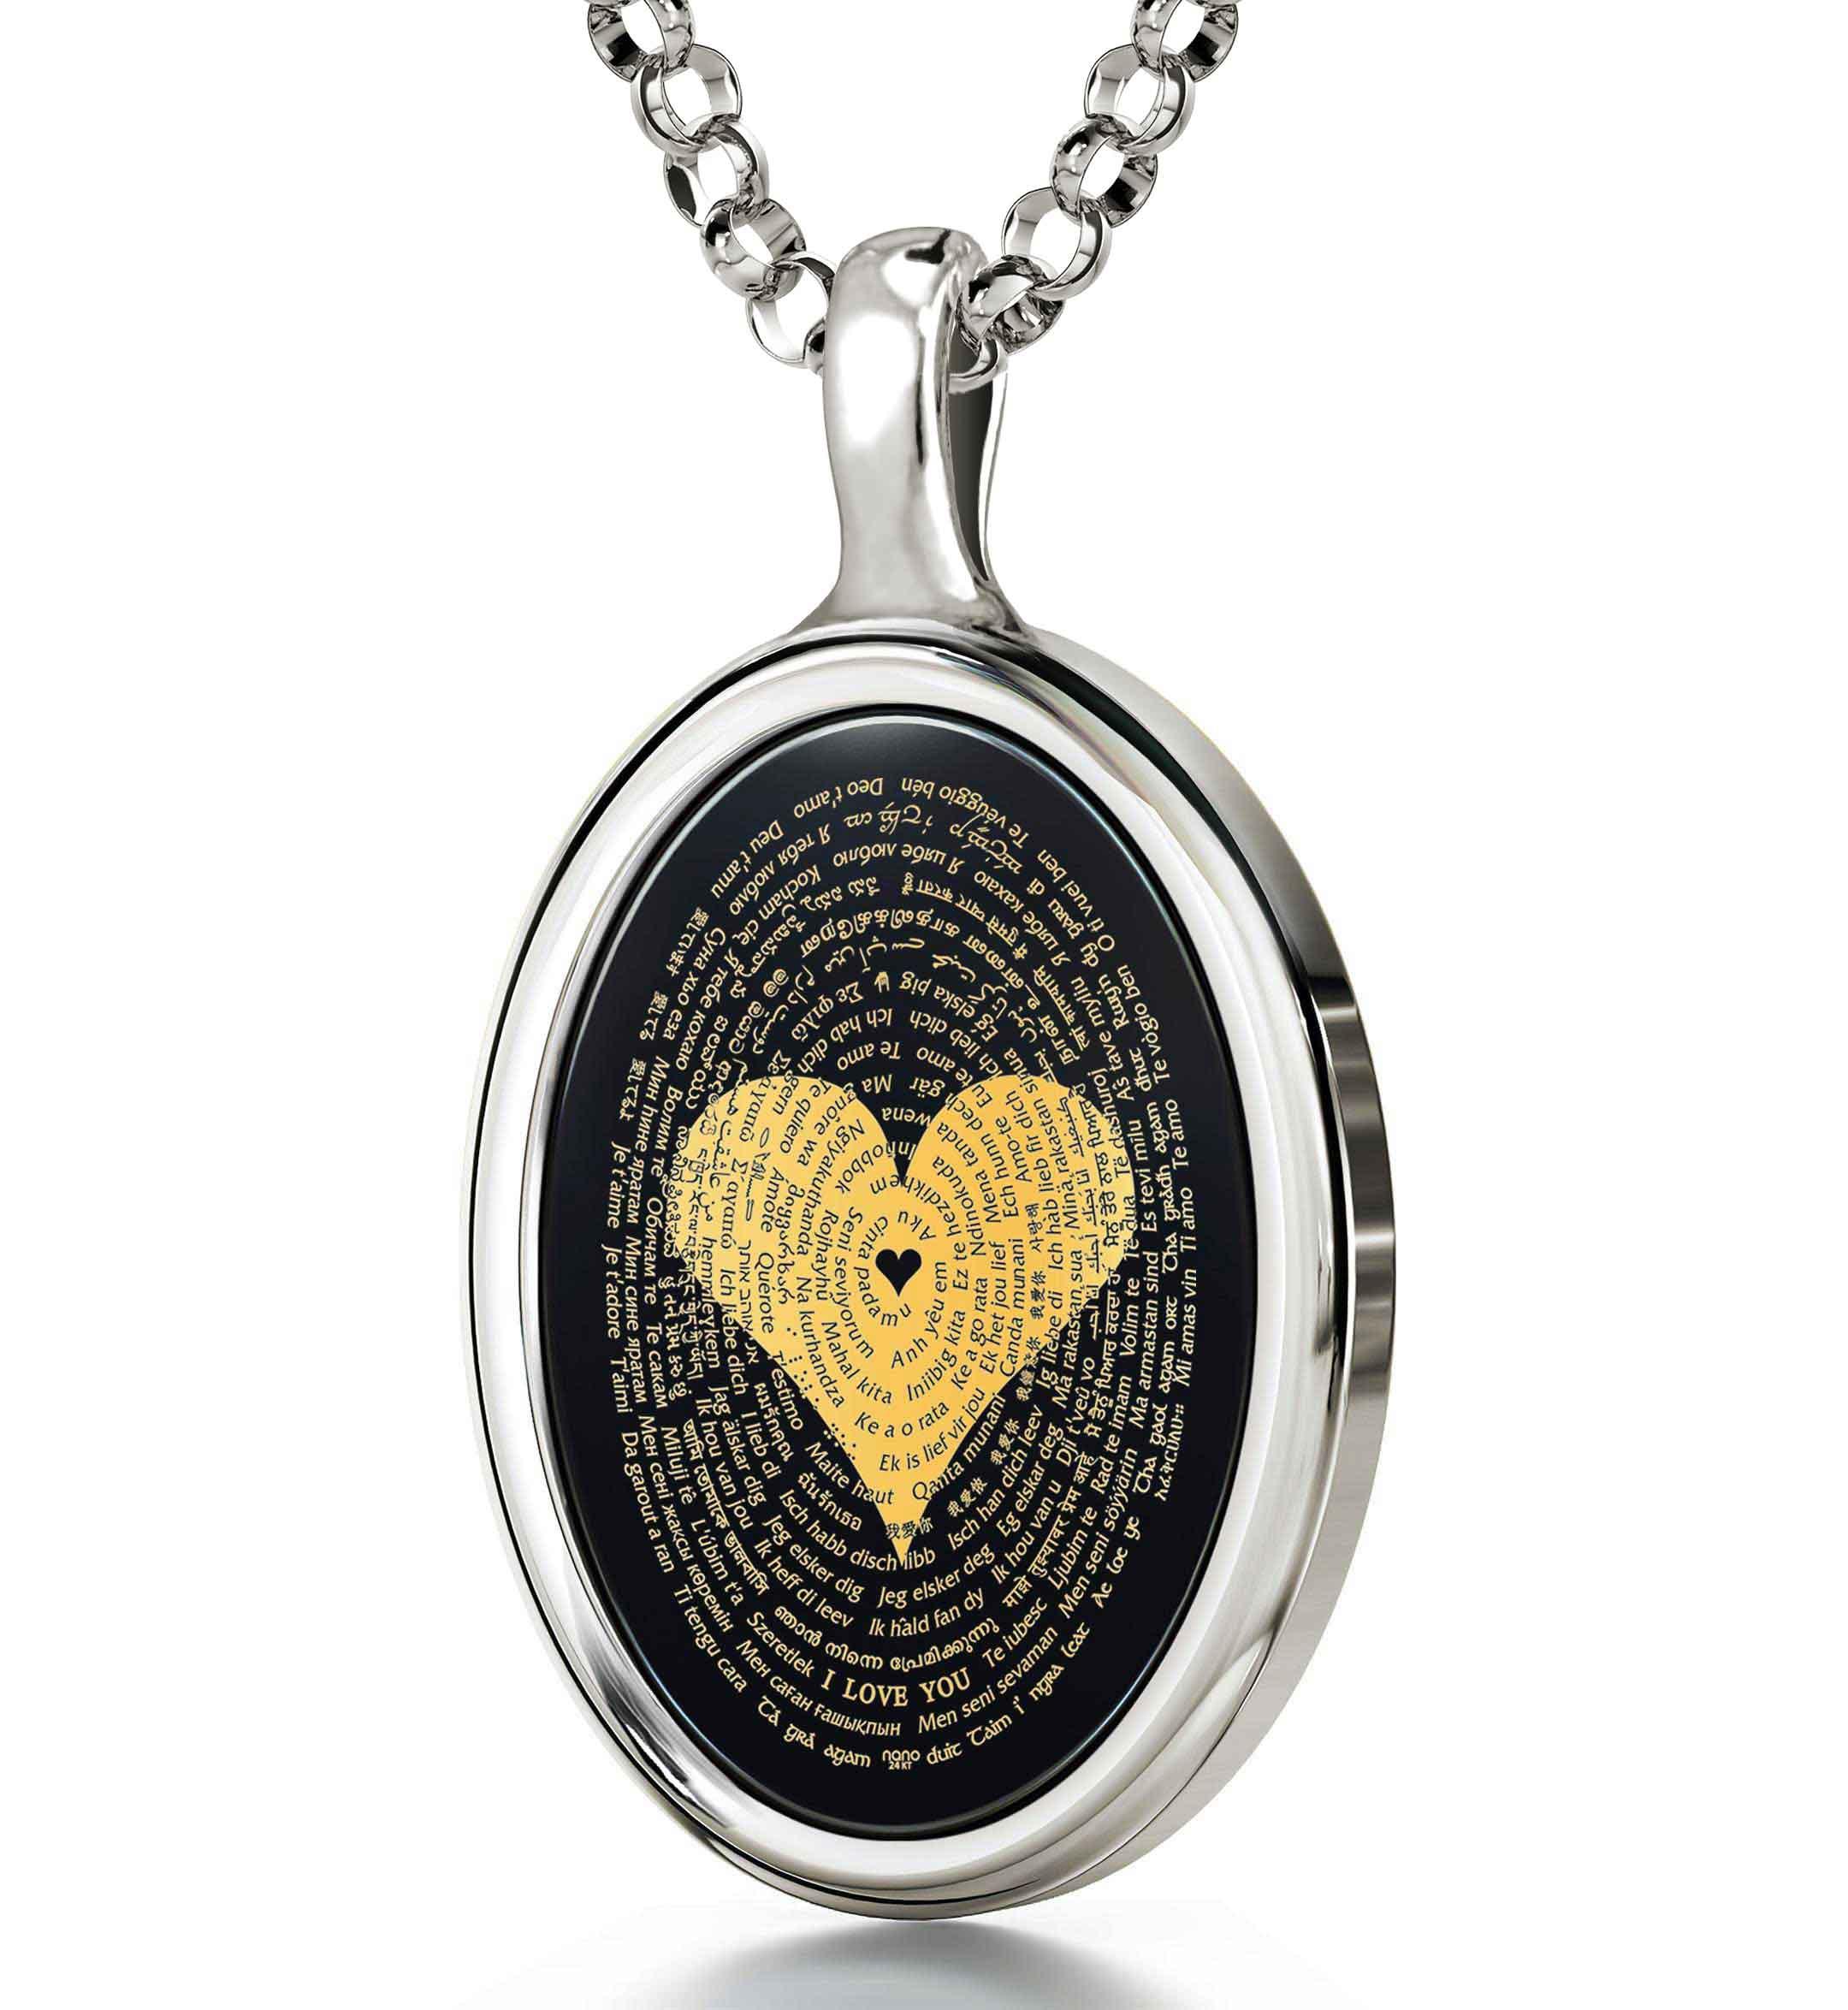 greatvalentinesgiftsforherloveinotherlanguagesczblackstonechristmasideasforgirlfriendbynanojewelry